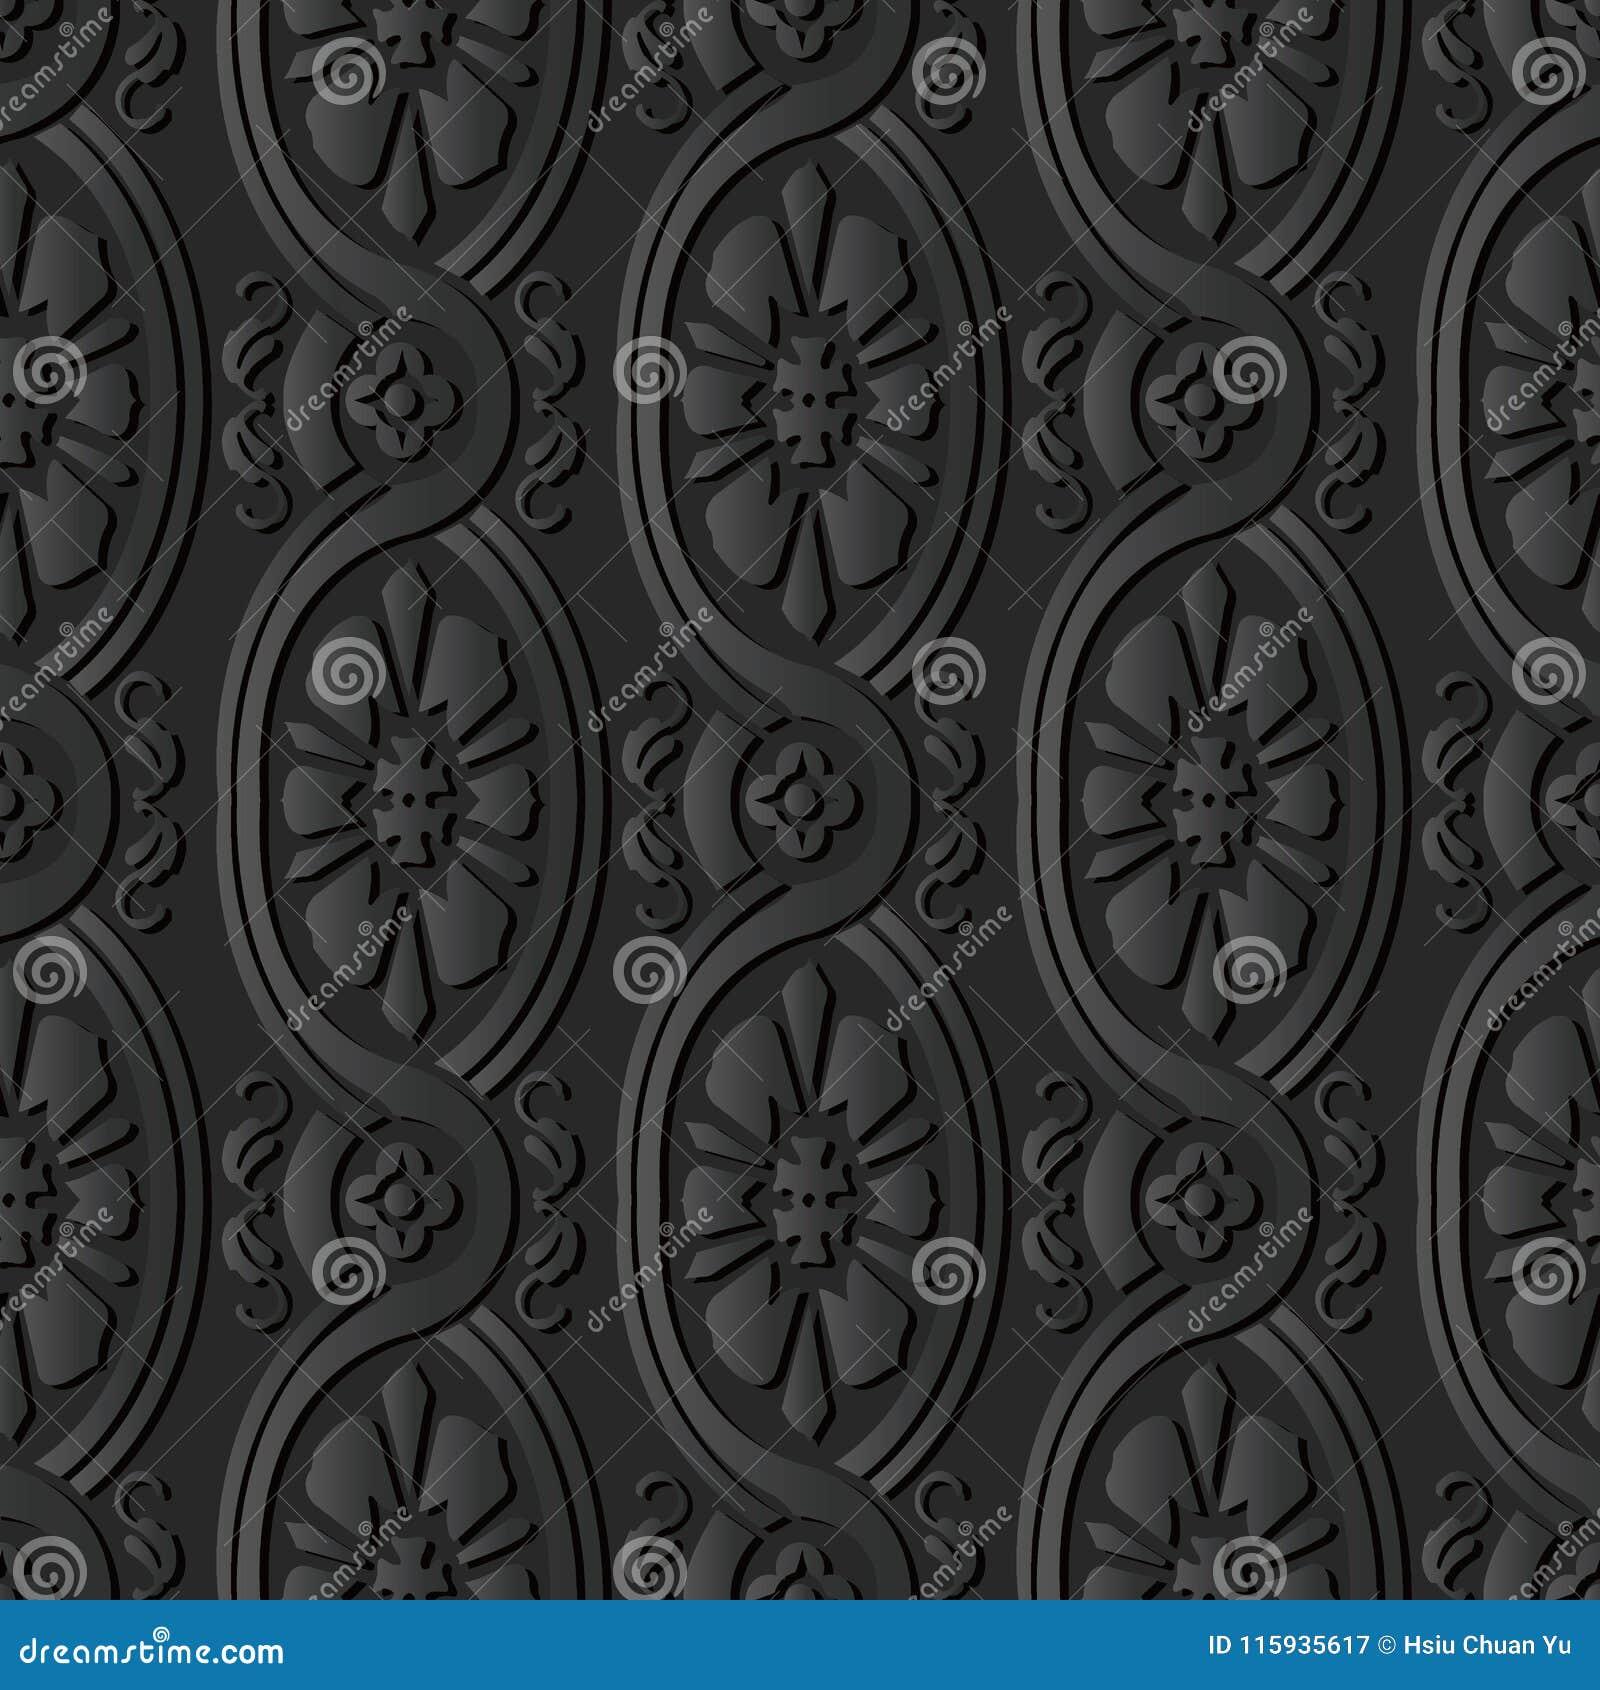 För papperskonst för mörker 3D blomma för arg vinranka för kurva för spiral för Oval